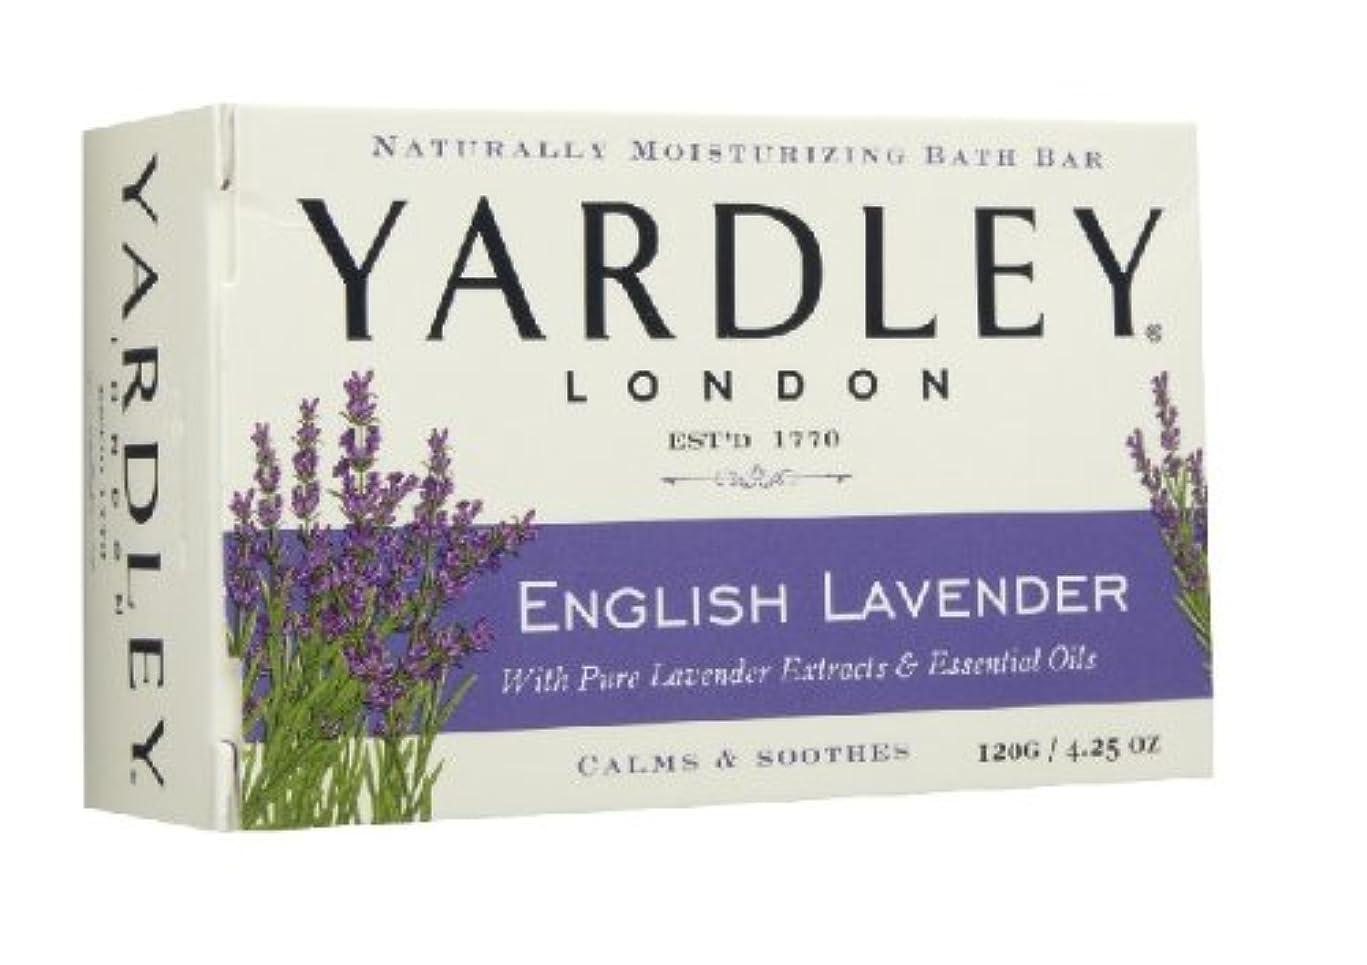 能力キャンドル後方【2個 ハワイ直送品】Yardley London English Lavender Verbena Moisturizing Bath Bar ヤードリー イングリッシュラベンダー ソープ  120g